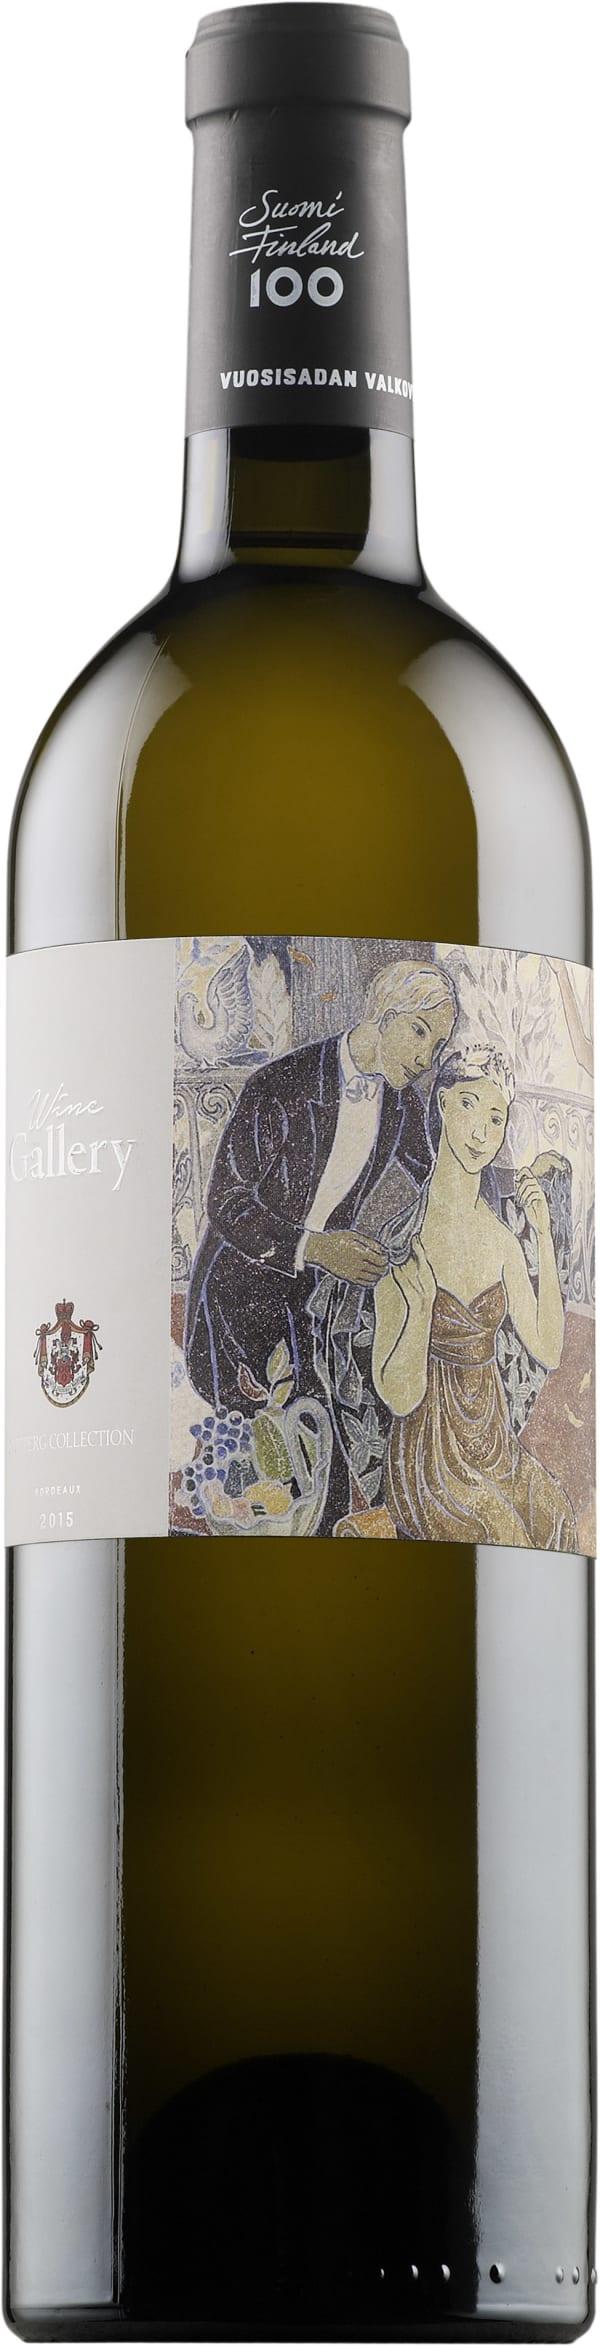 Wine Gallery Suomi Finland 100 Bordeaux Blanc 2015